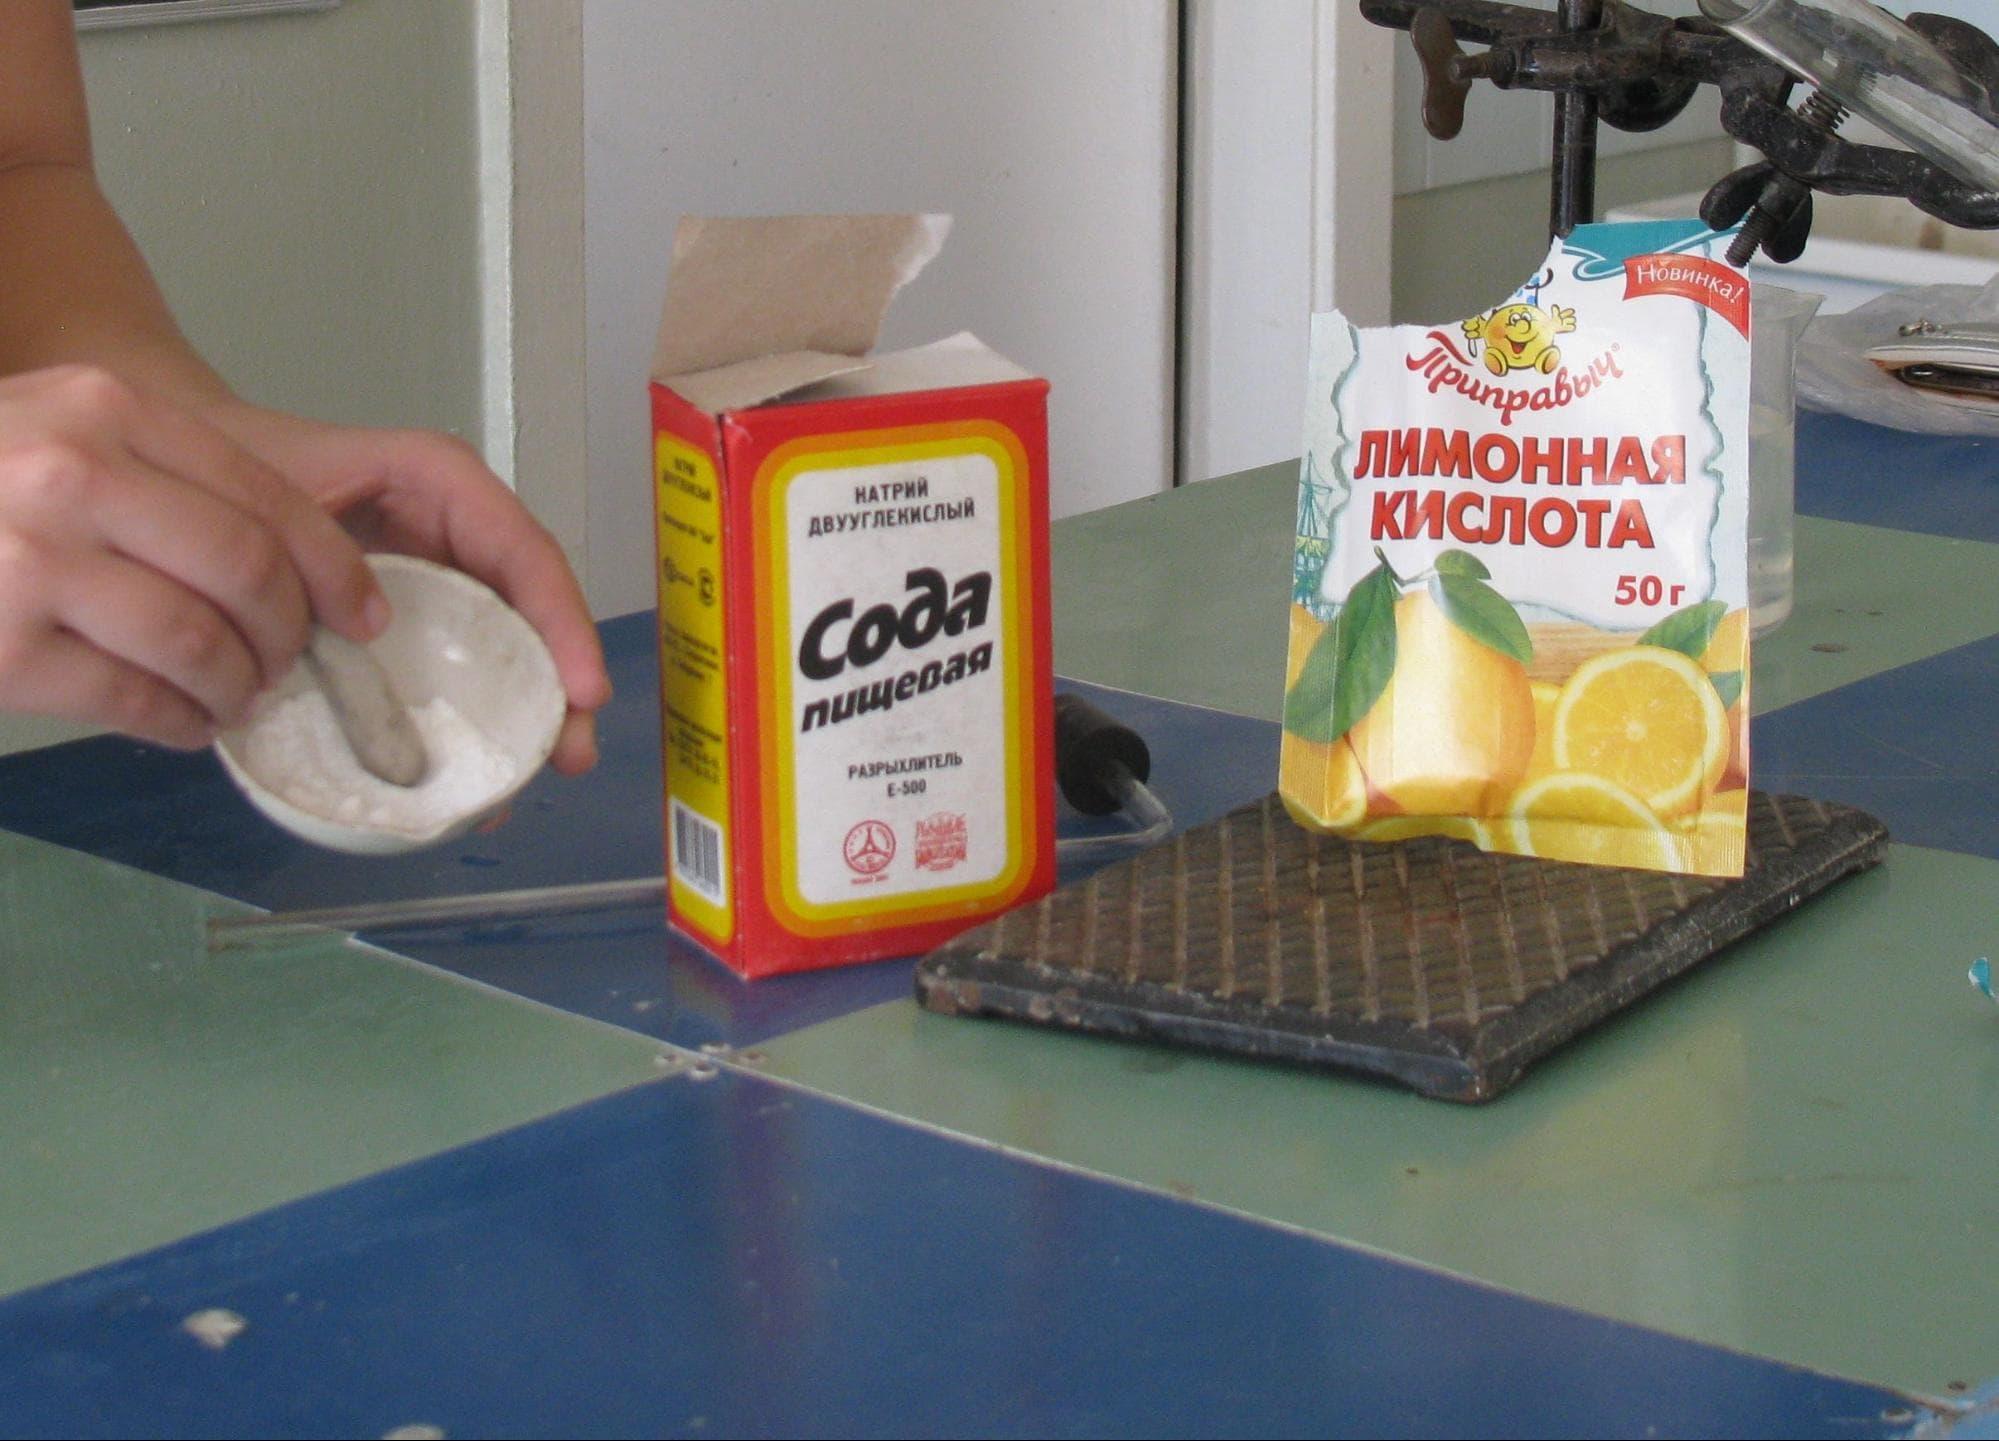 Как сделать шипучку от похмелья в домашних условиях отравление.ру как сделать шипучку от похмелья в домашних условиях